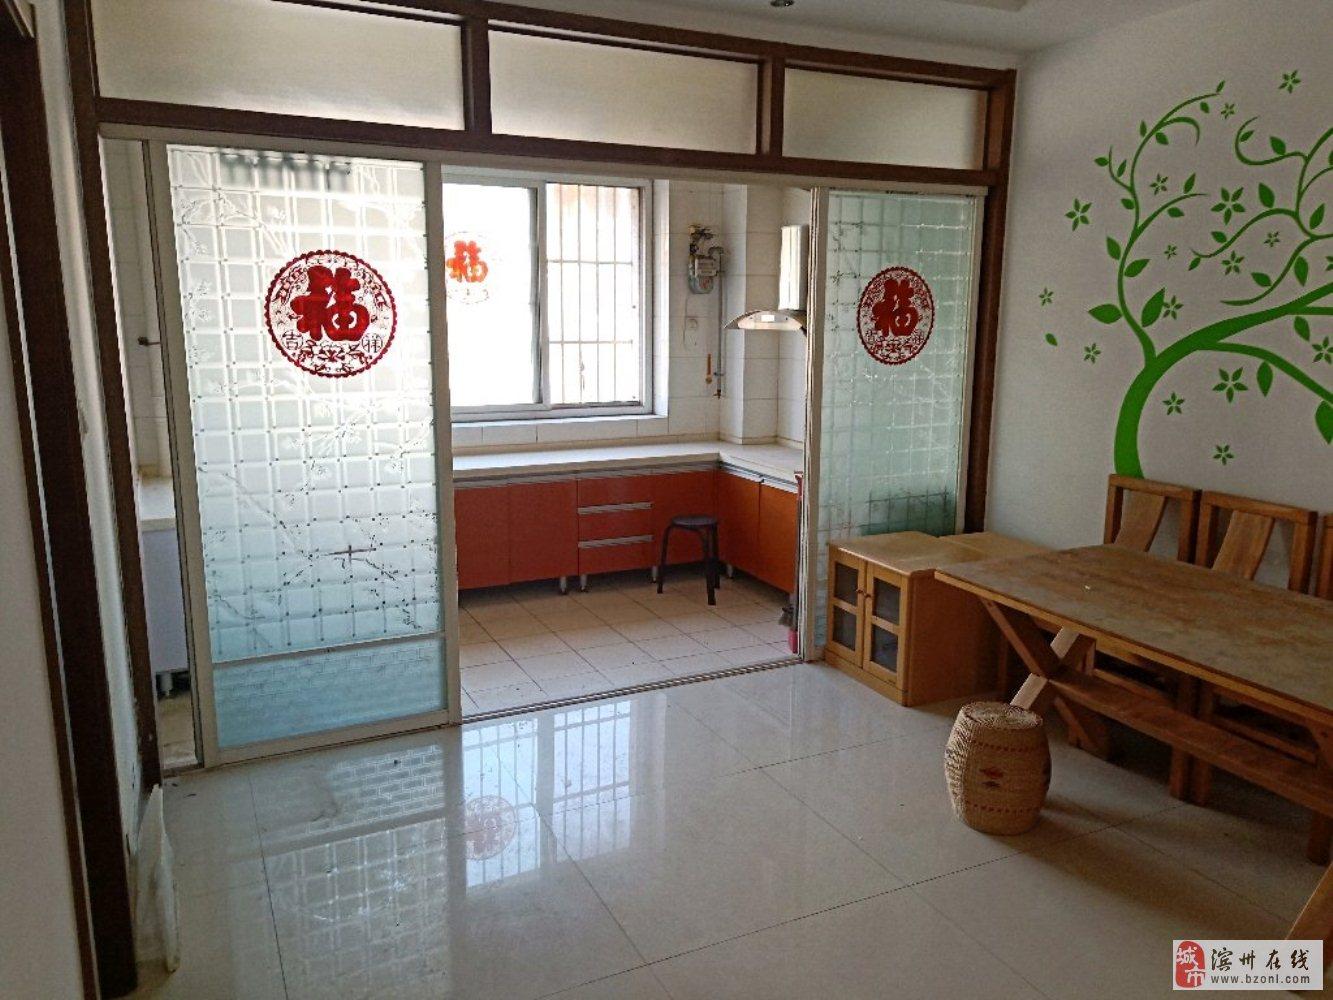 吉泰阳光花园3室2厅2卫143万元